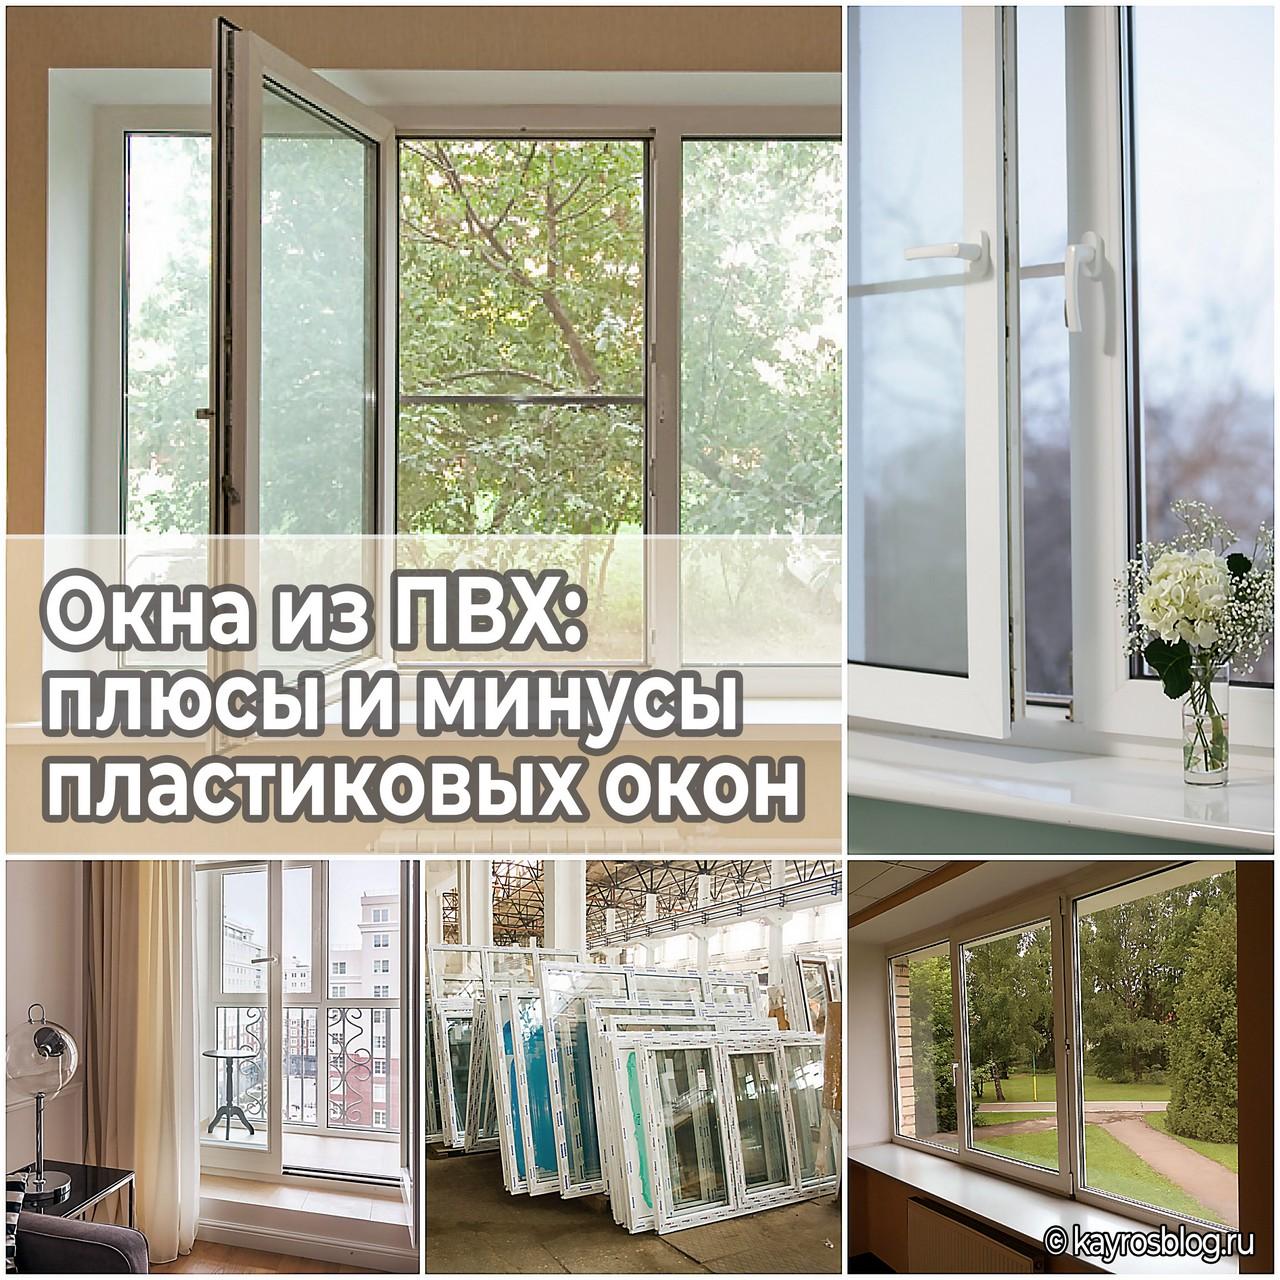 Окна из ПВХ: плюсы и минусы пластиковых окон